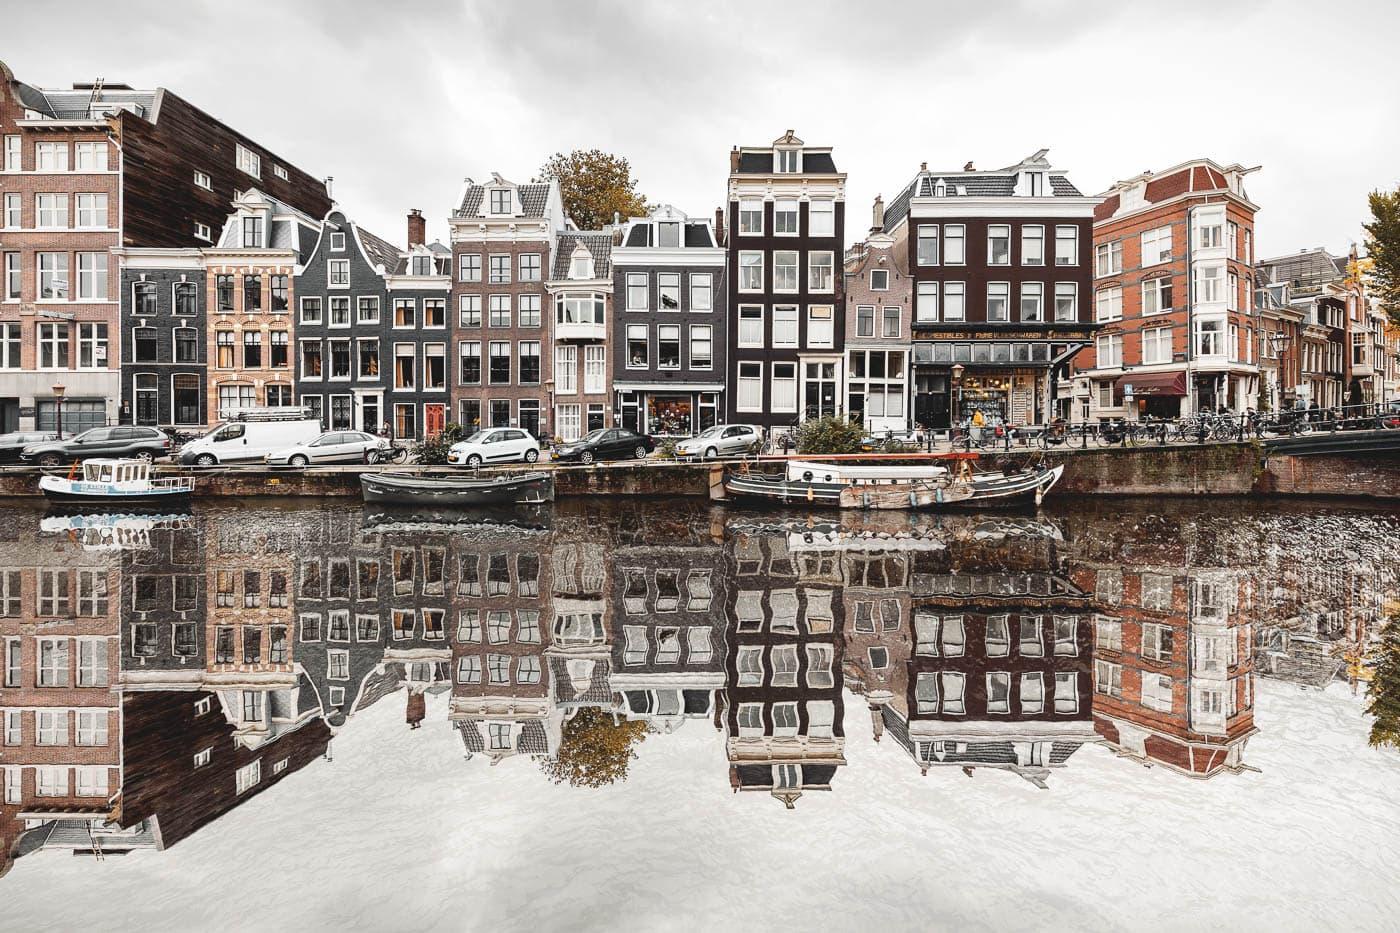 Häuserfassaden in der Prinsengracht in Amsterdam, Niederlande, Spiegelung